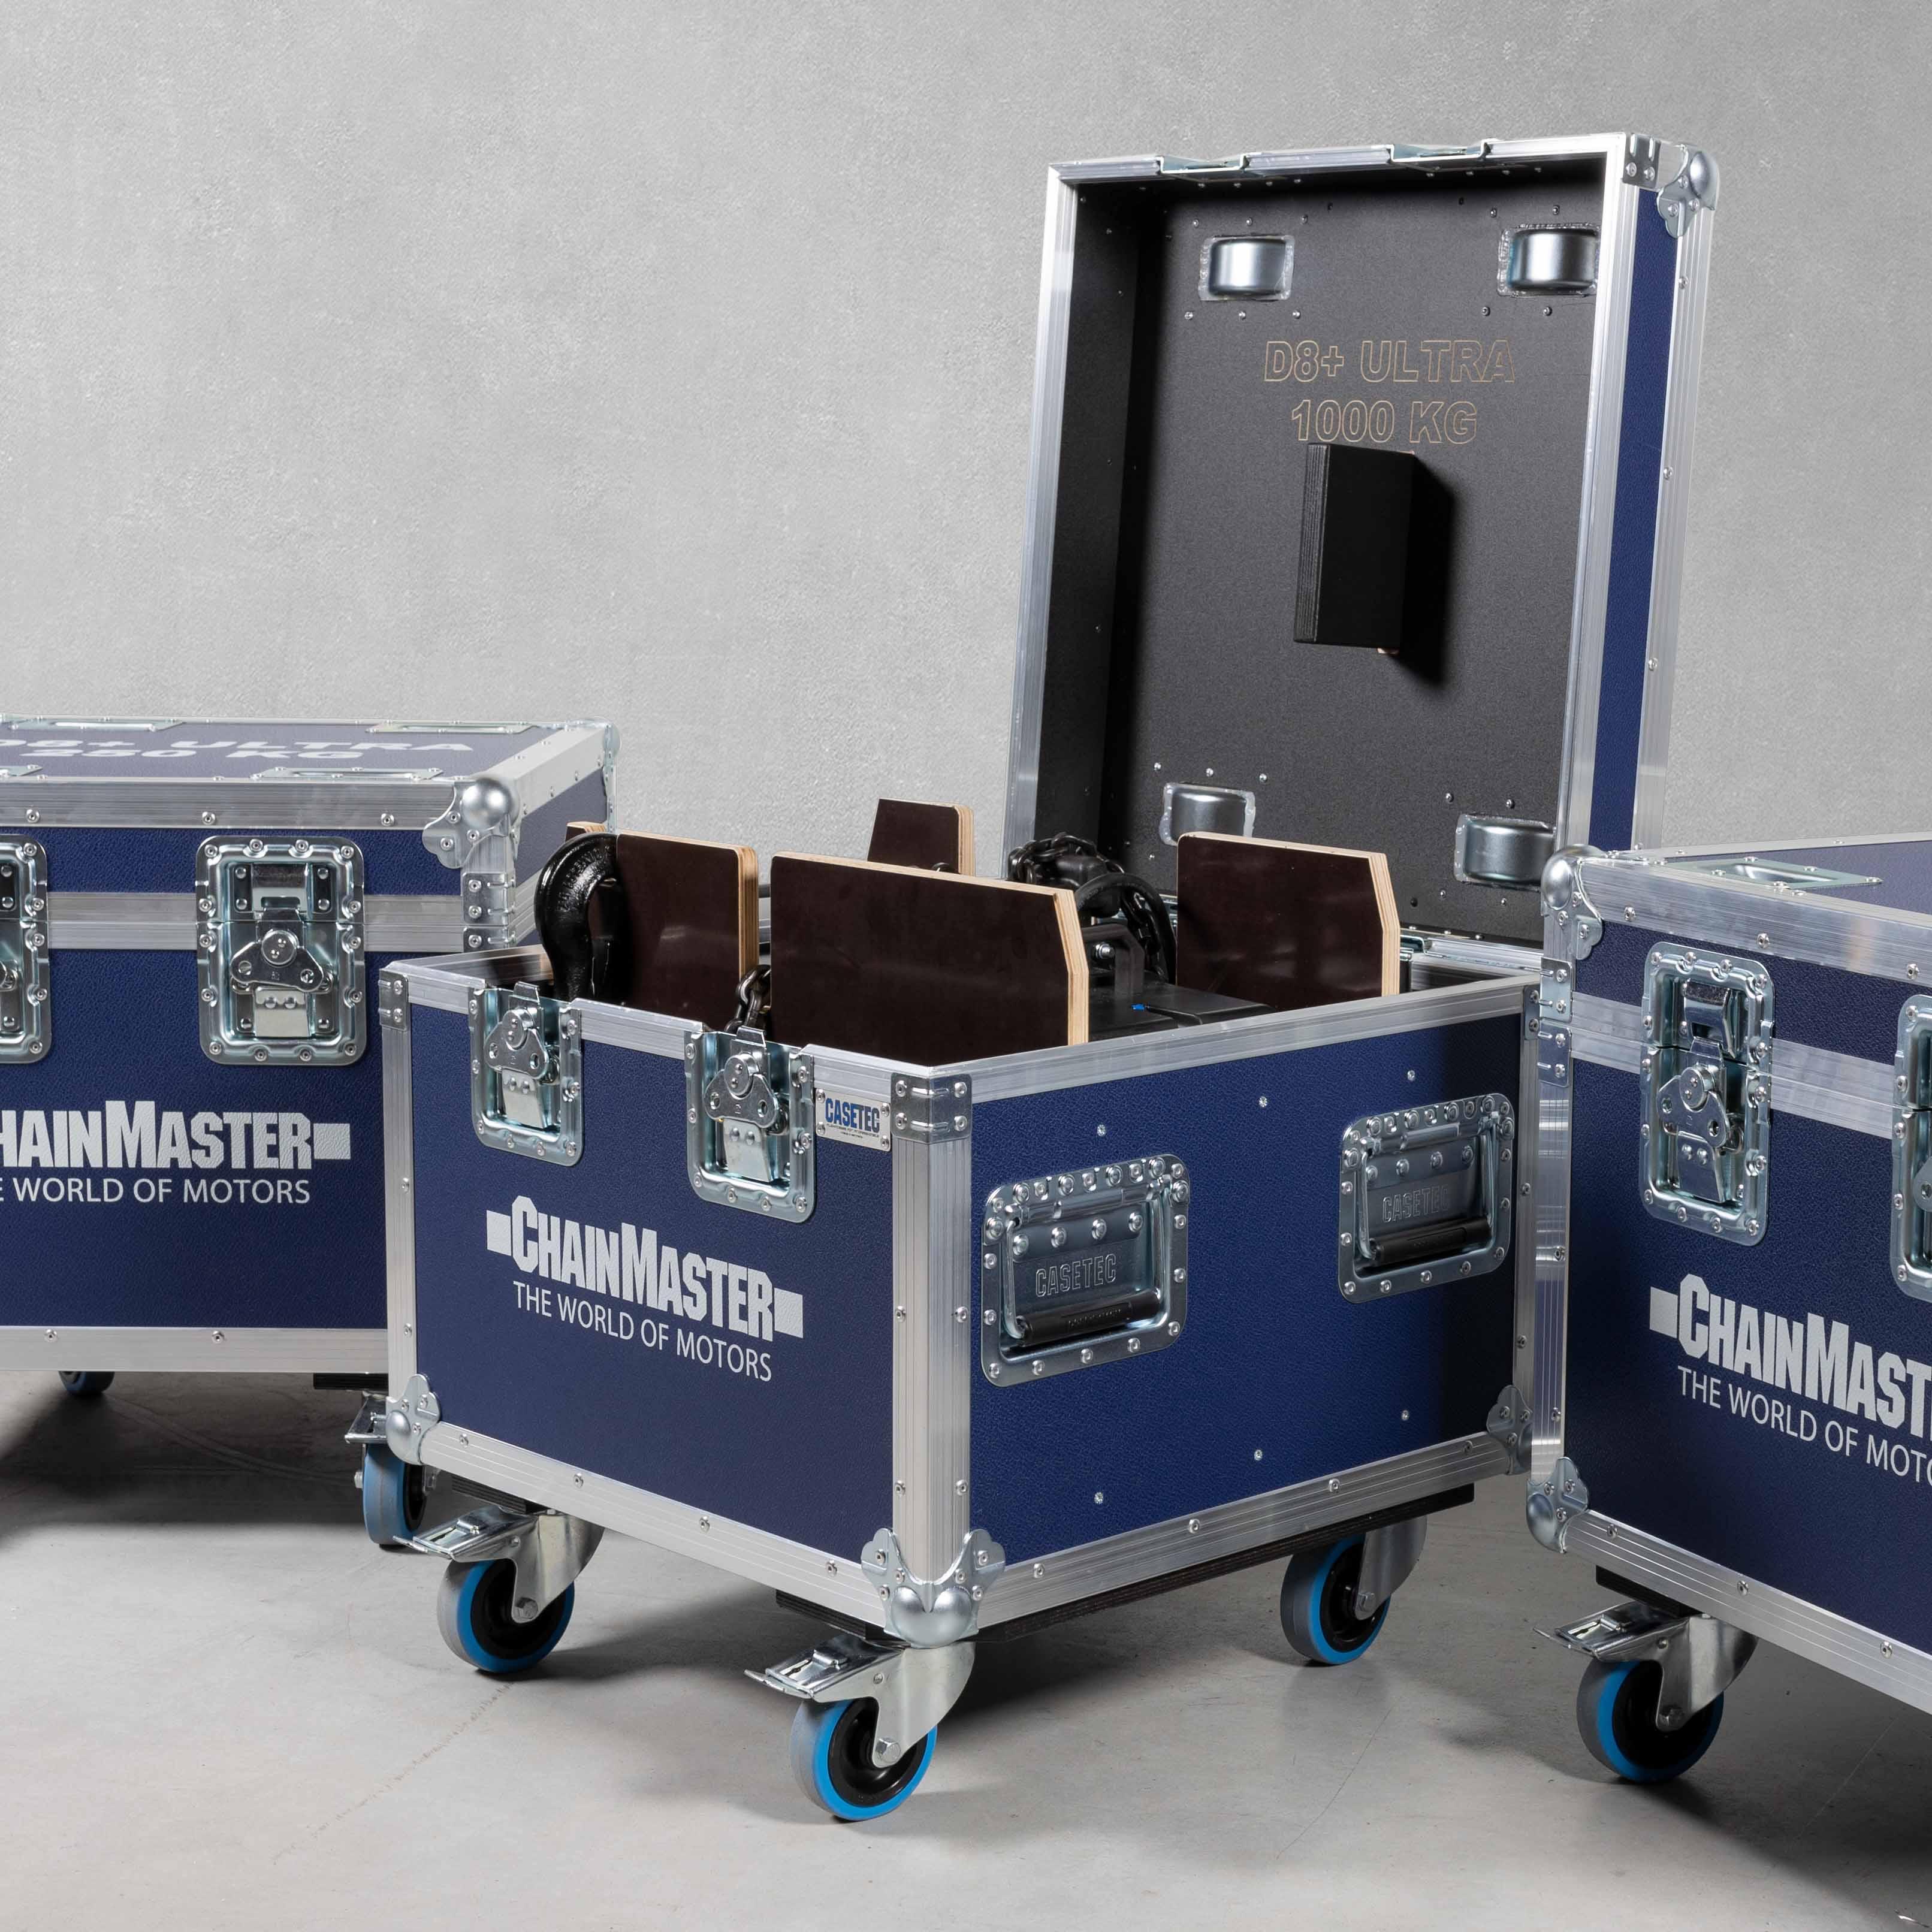 Motorencase für ein Chain Master Rigging Lift D8 Plus 1000Kg Ultra